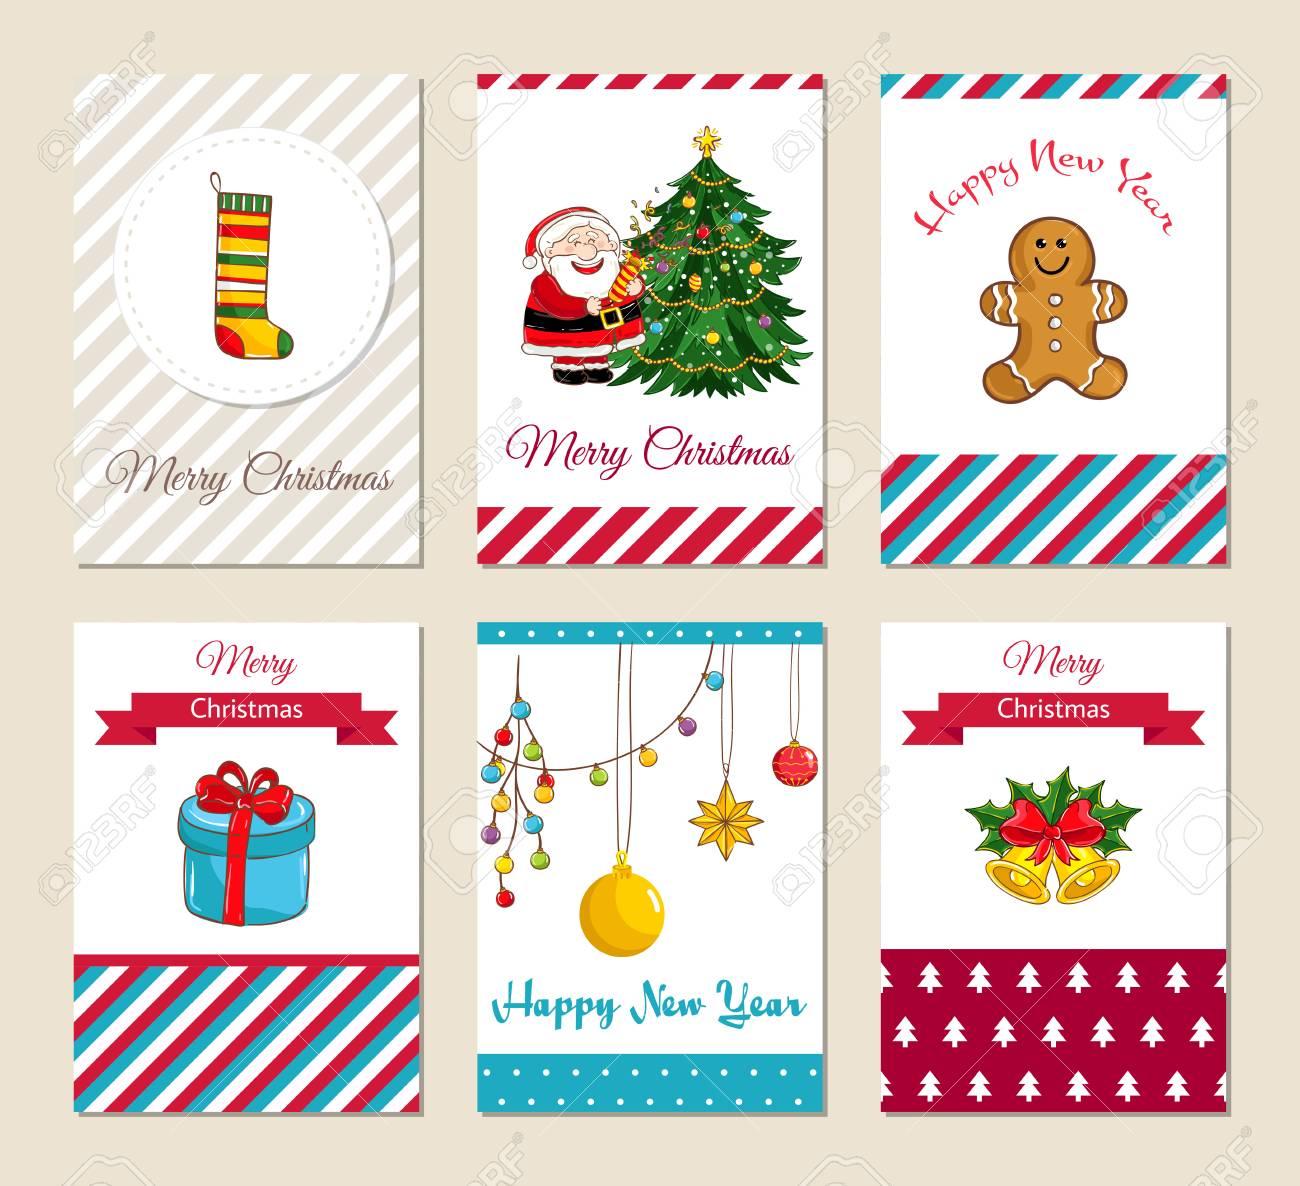 Tarjetas De Felicitación De Navidad E Invitaciones De Fiesta De Navidad Coloridos Conceptos De Feliz Navidad Y Feliz Año Nuevo Con Calcetín Regalo